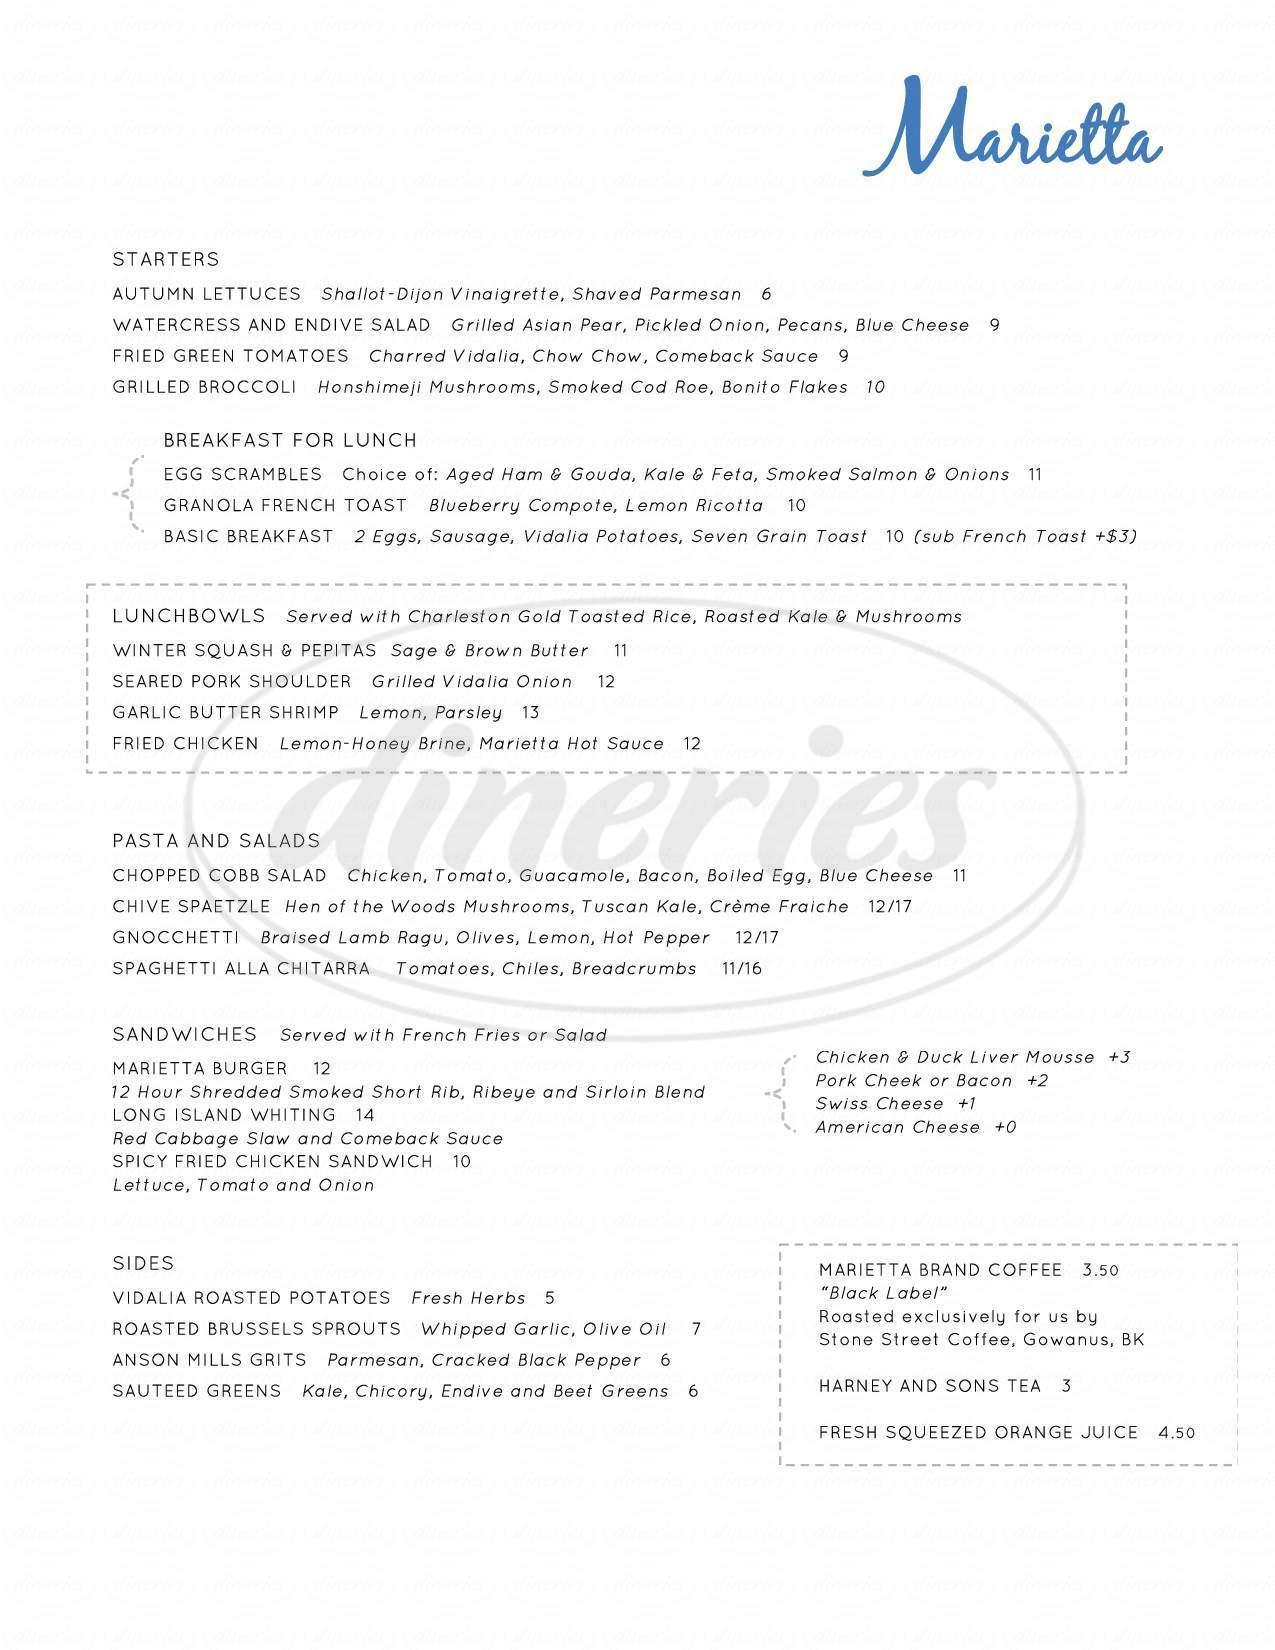 menu for Marietta